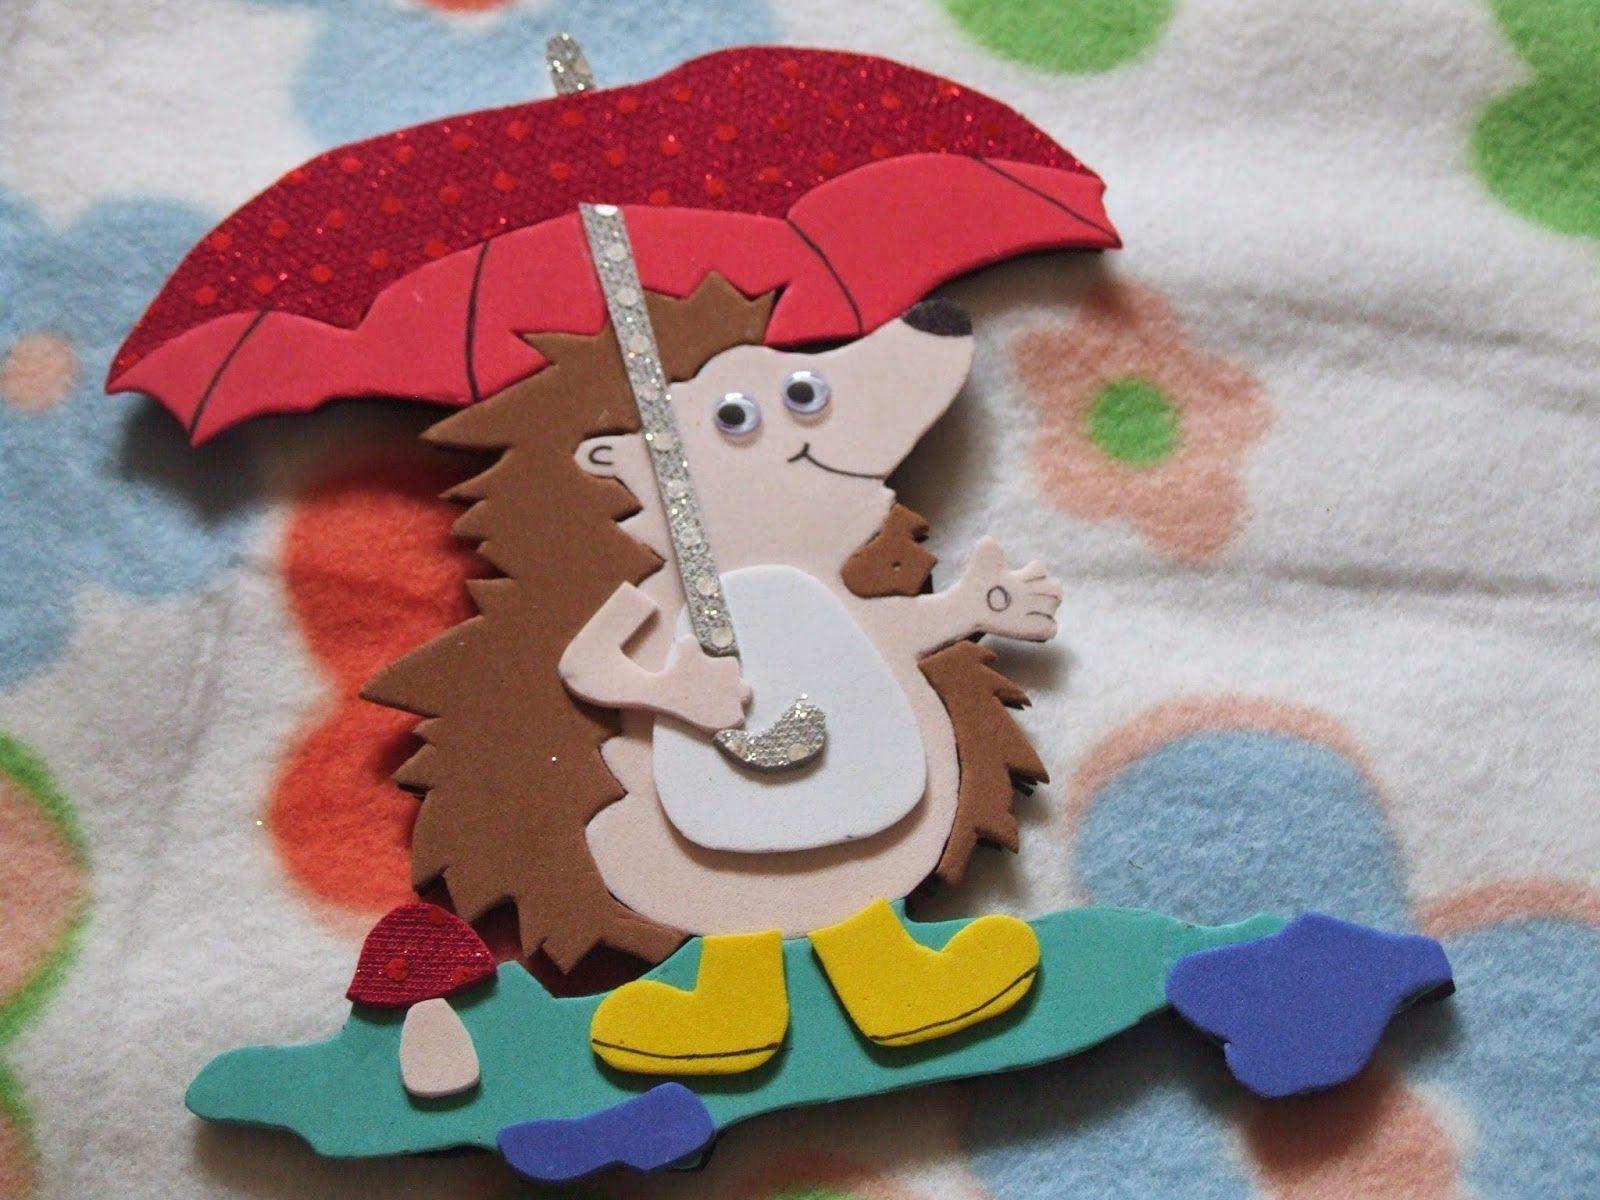 Süni(ének) az esőben (With images) Sün, Ének az esőben